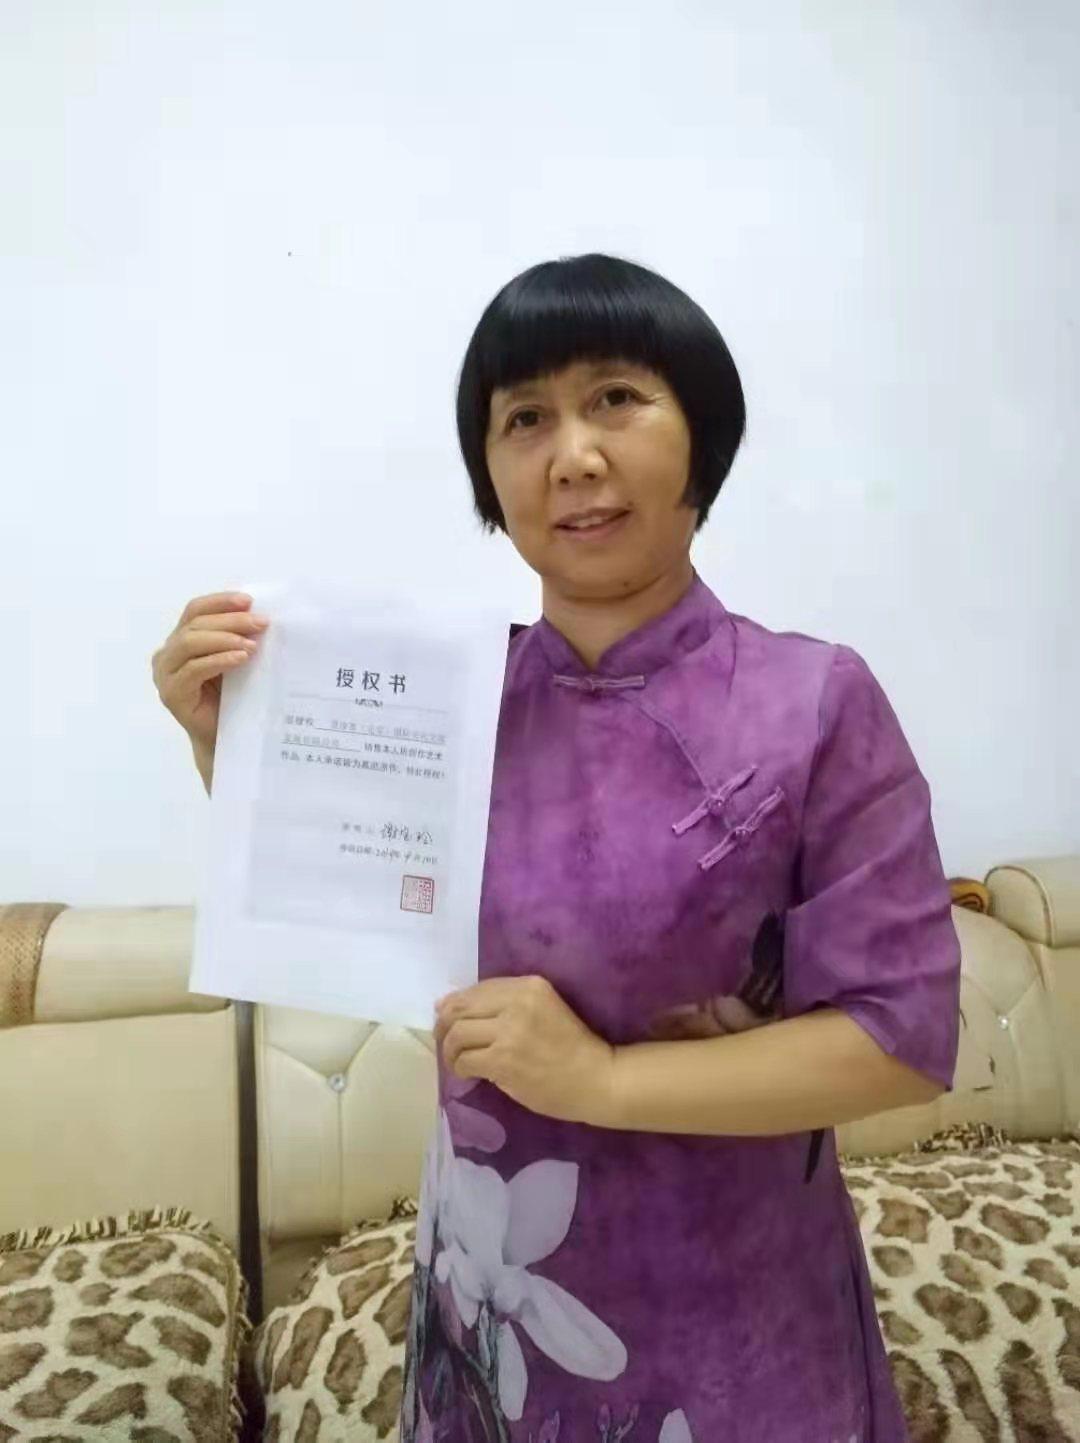 热烈祝贺谢宝玲老师入驻墨缘斋文化网